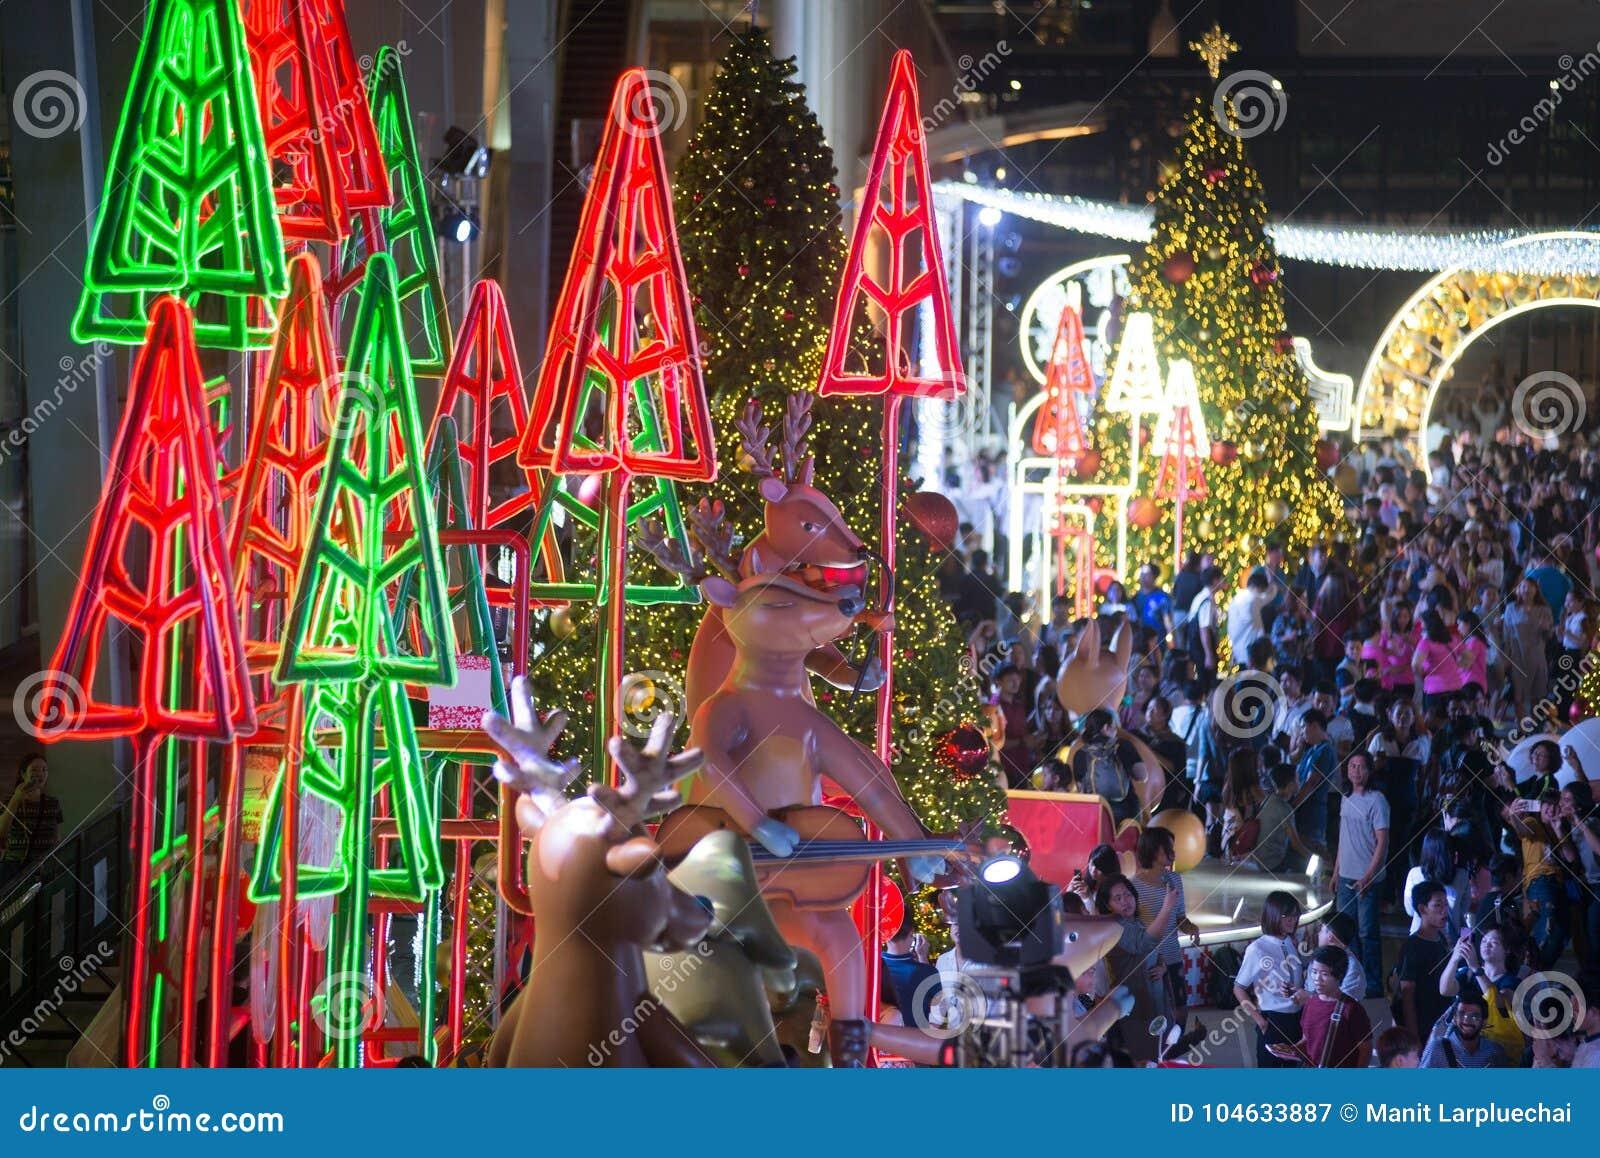 Download Het Licht Van Kleurrijk Verfraait Mooi Op Kerstboomviering Redactionele Fotografie - Afbeelding bestaande uit aziatisch, downtown: 104633887